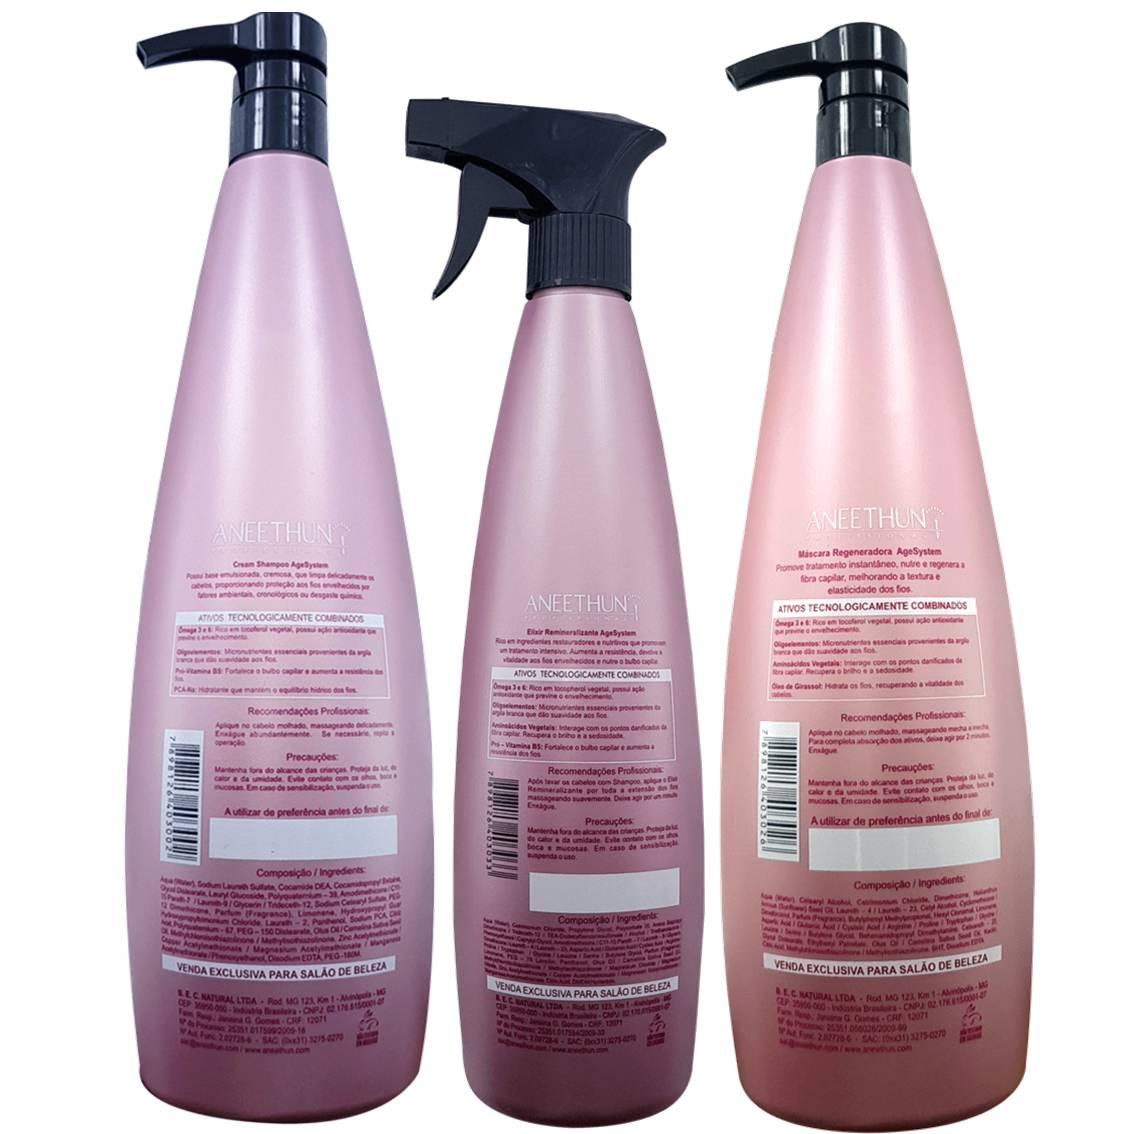 Kit Age Systen Aneethun - Shampoo 1l + Elixir 500 ml + Máscara 1l